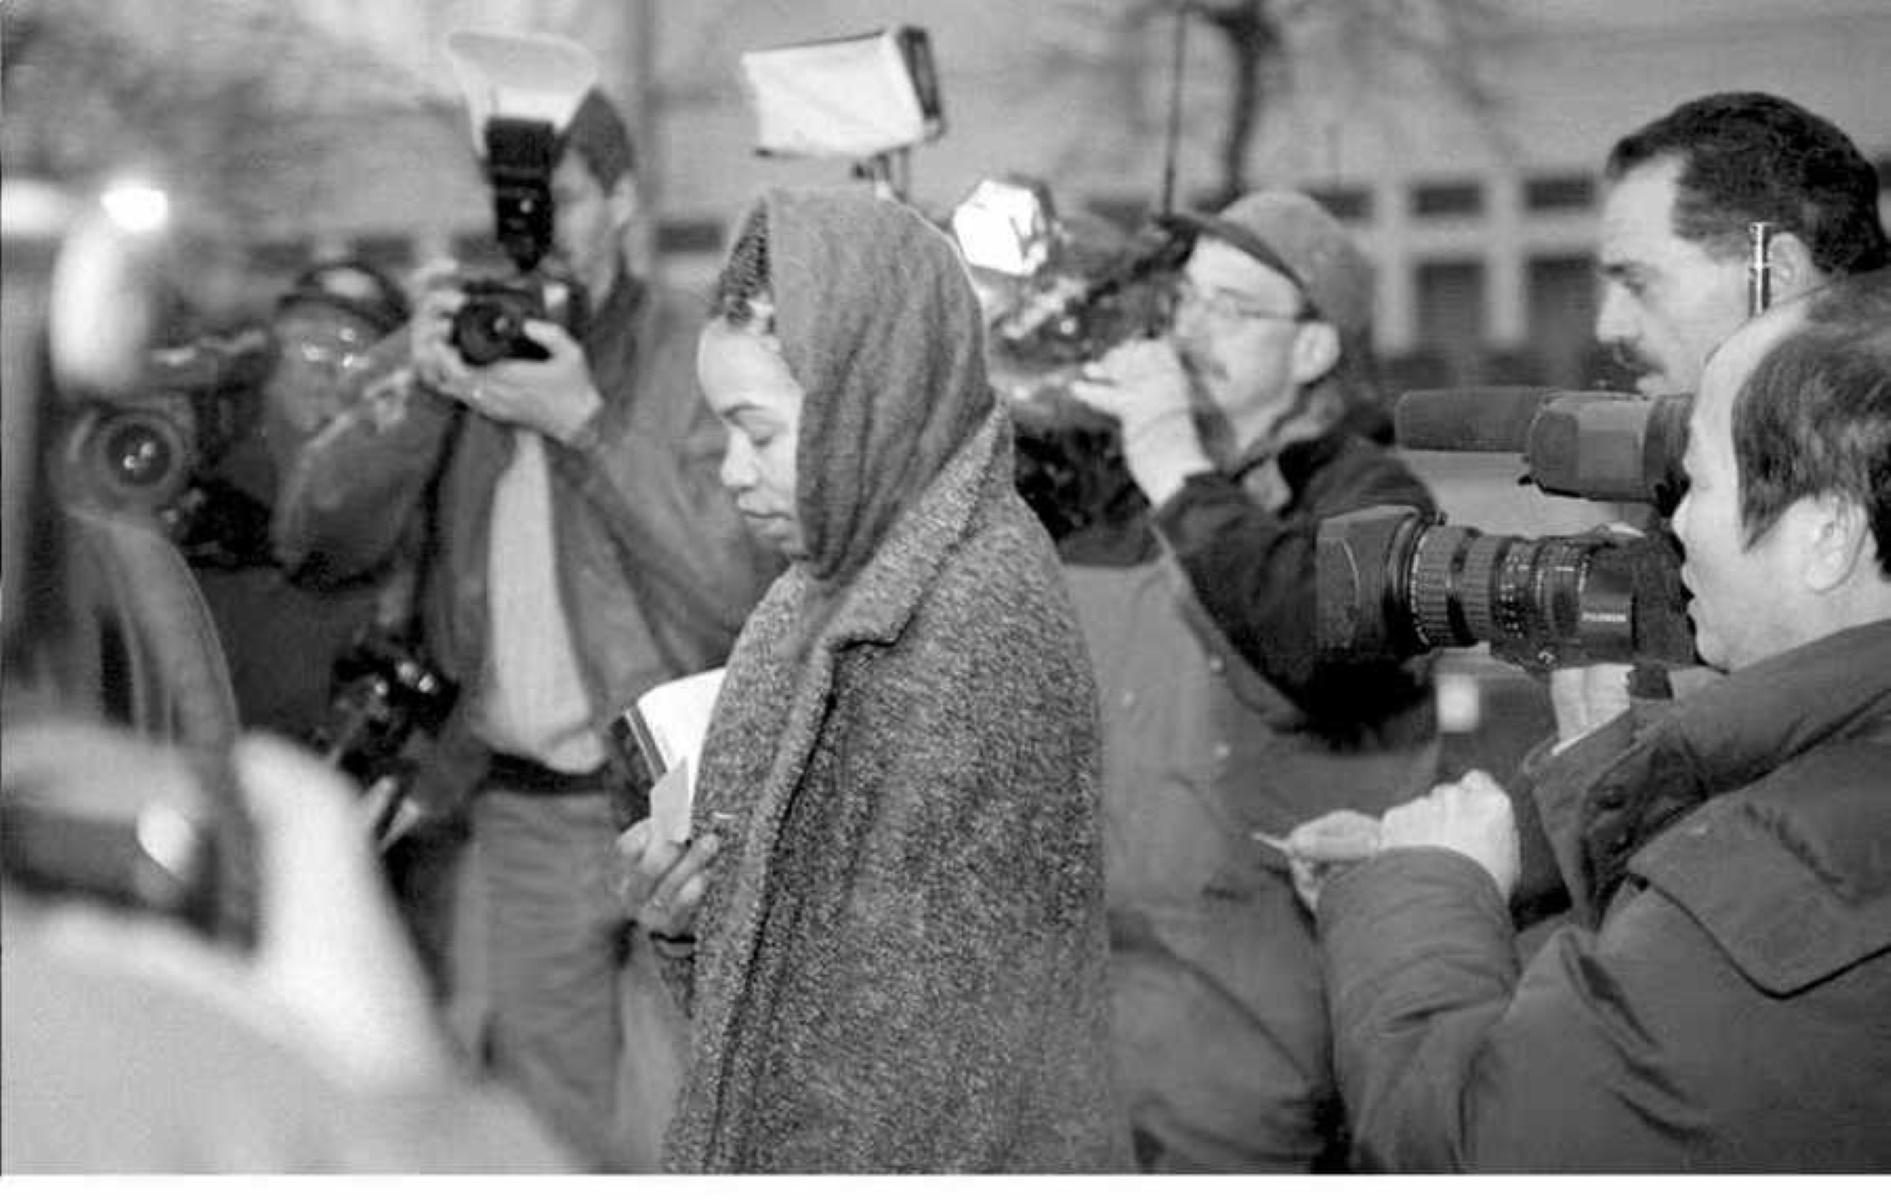 Οι κόρες του Malcolm X ζητούν να ανοίξει ξανά ο φάκελος της δολοφονίας του